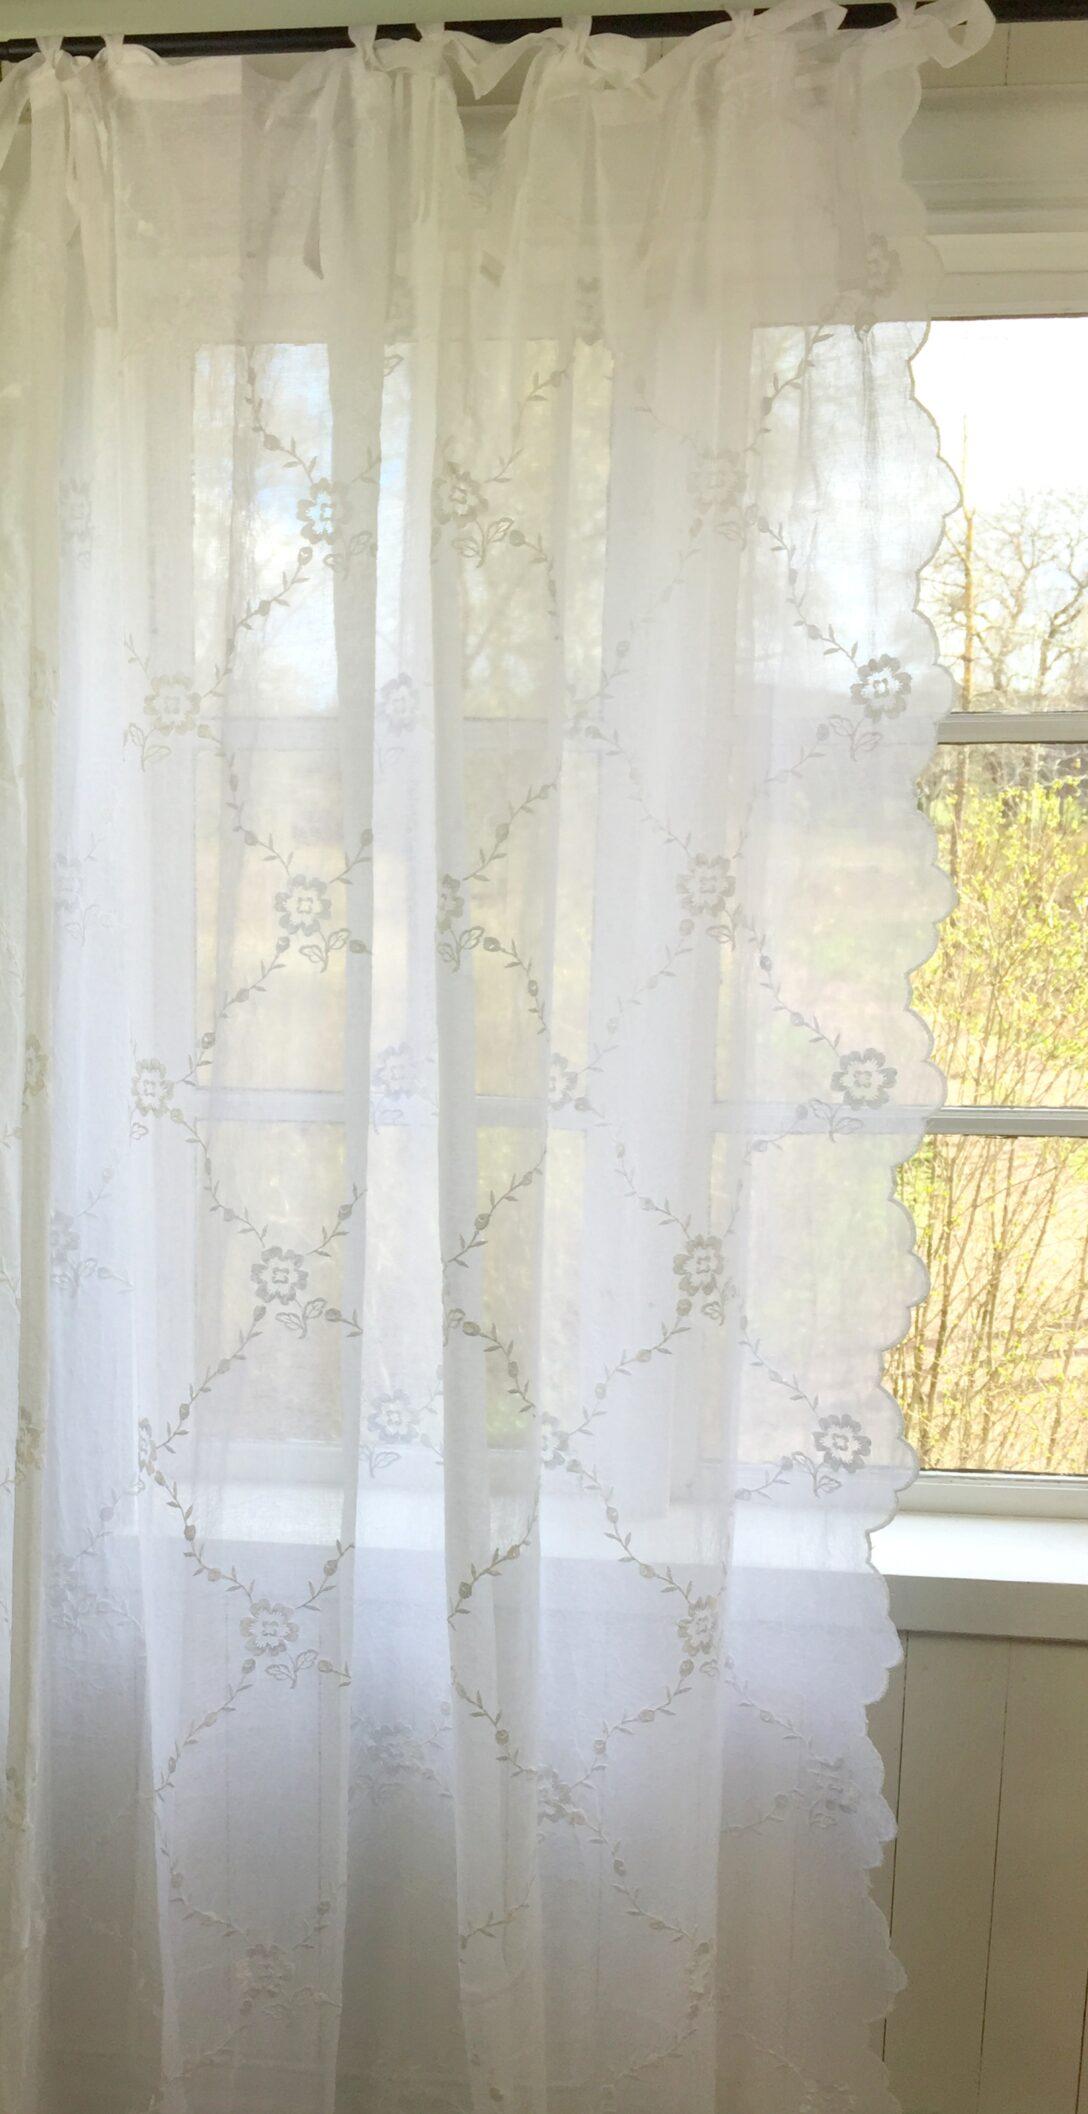 Large Size of Landhaus Gardinen Wei Schal Chiara Bestickt 200x300 Cm Bandaufhngung Bett Küche Sofa Wohnzimmer Für Die Scheibengardinen Landhausstil Fenster Betten Wohnzimmer Landhaus Gardinen